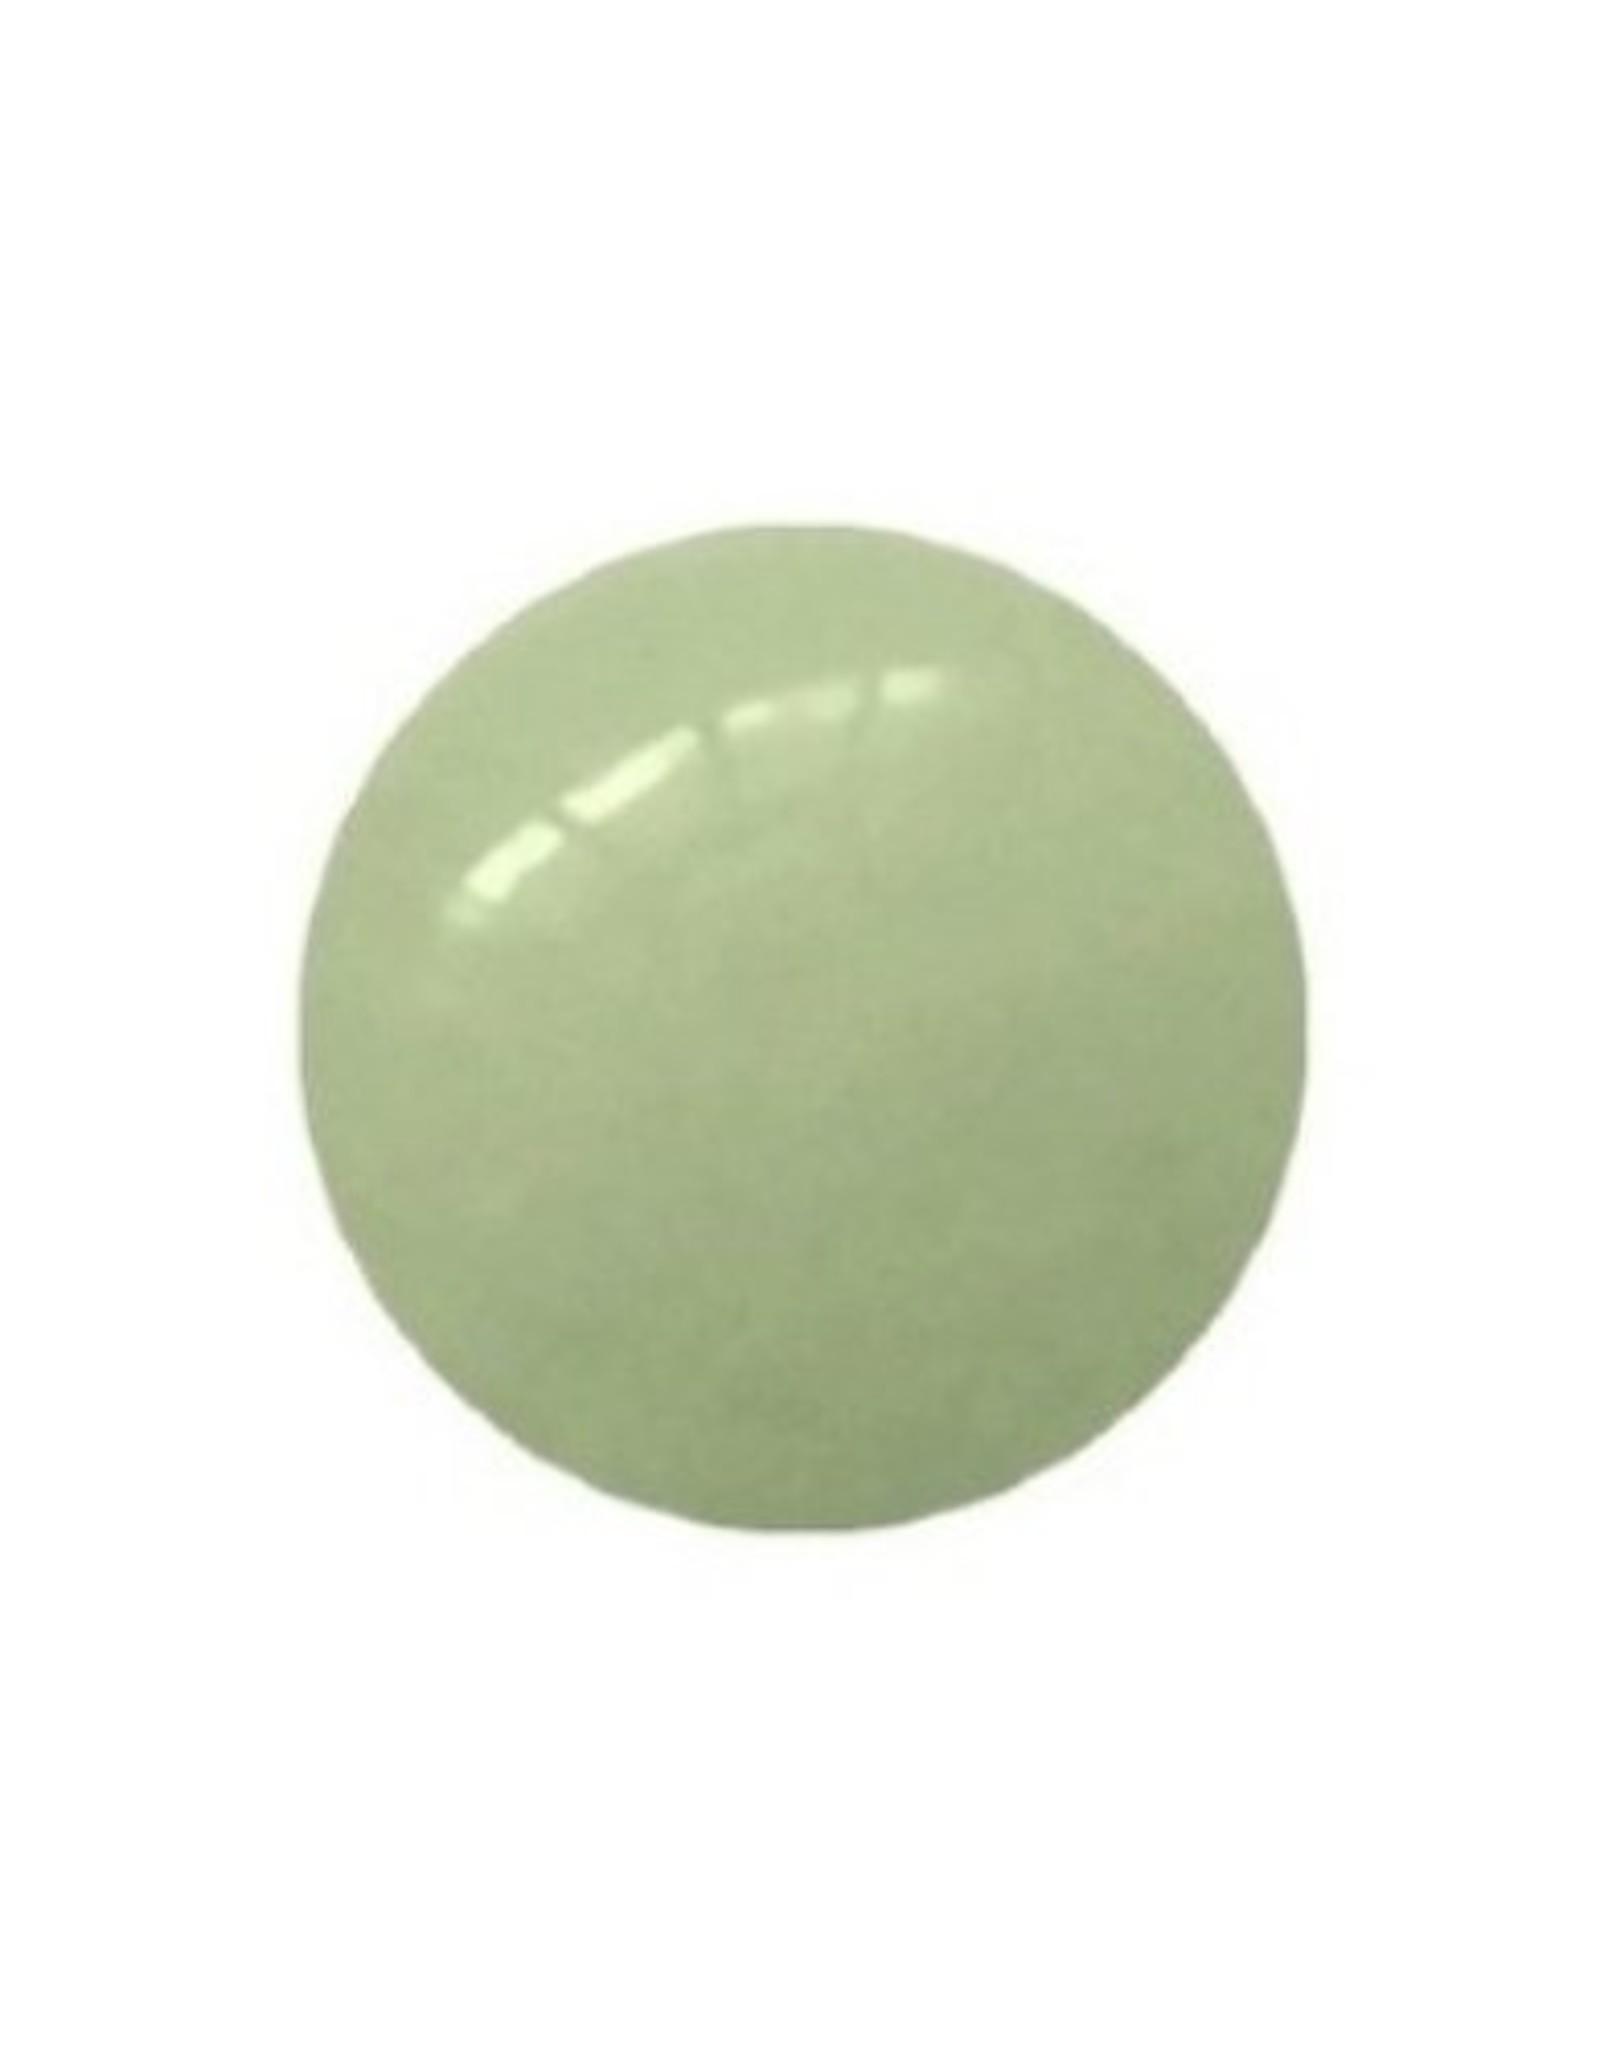 Wisselsteen Jade groen 10 mm